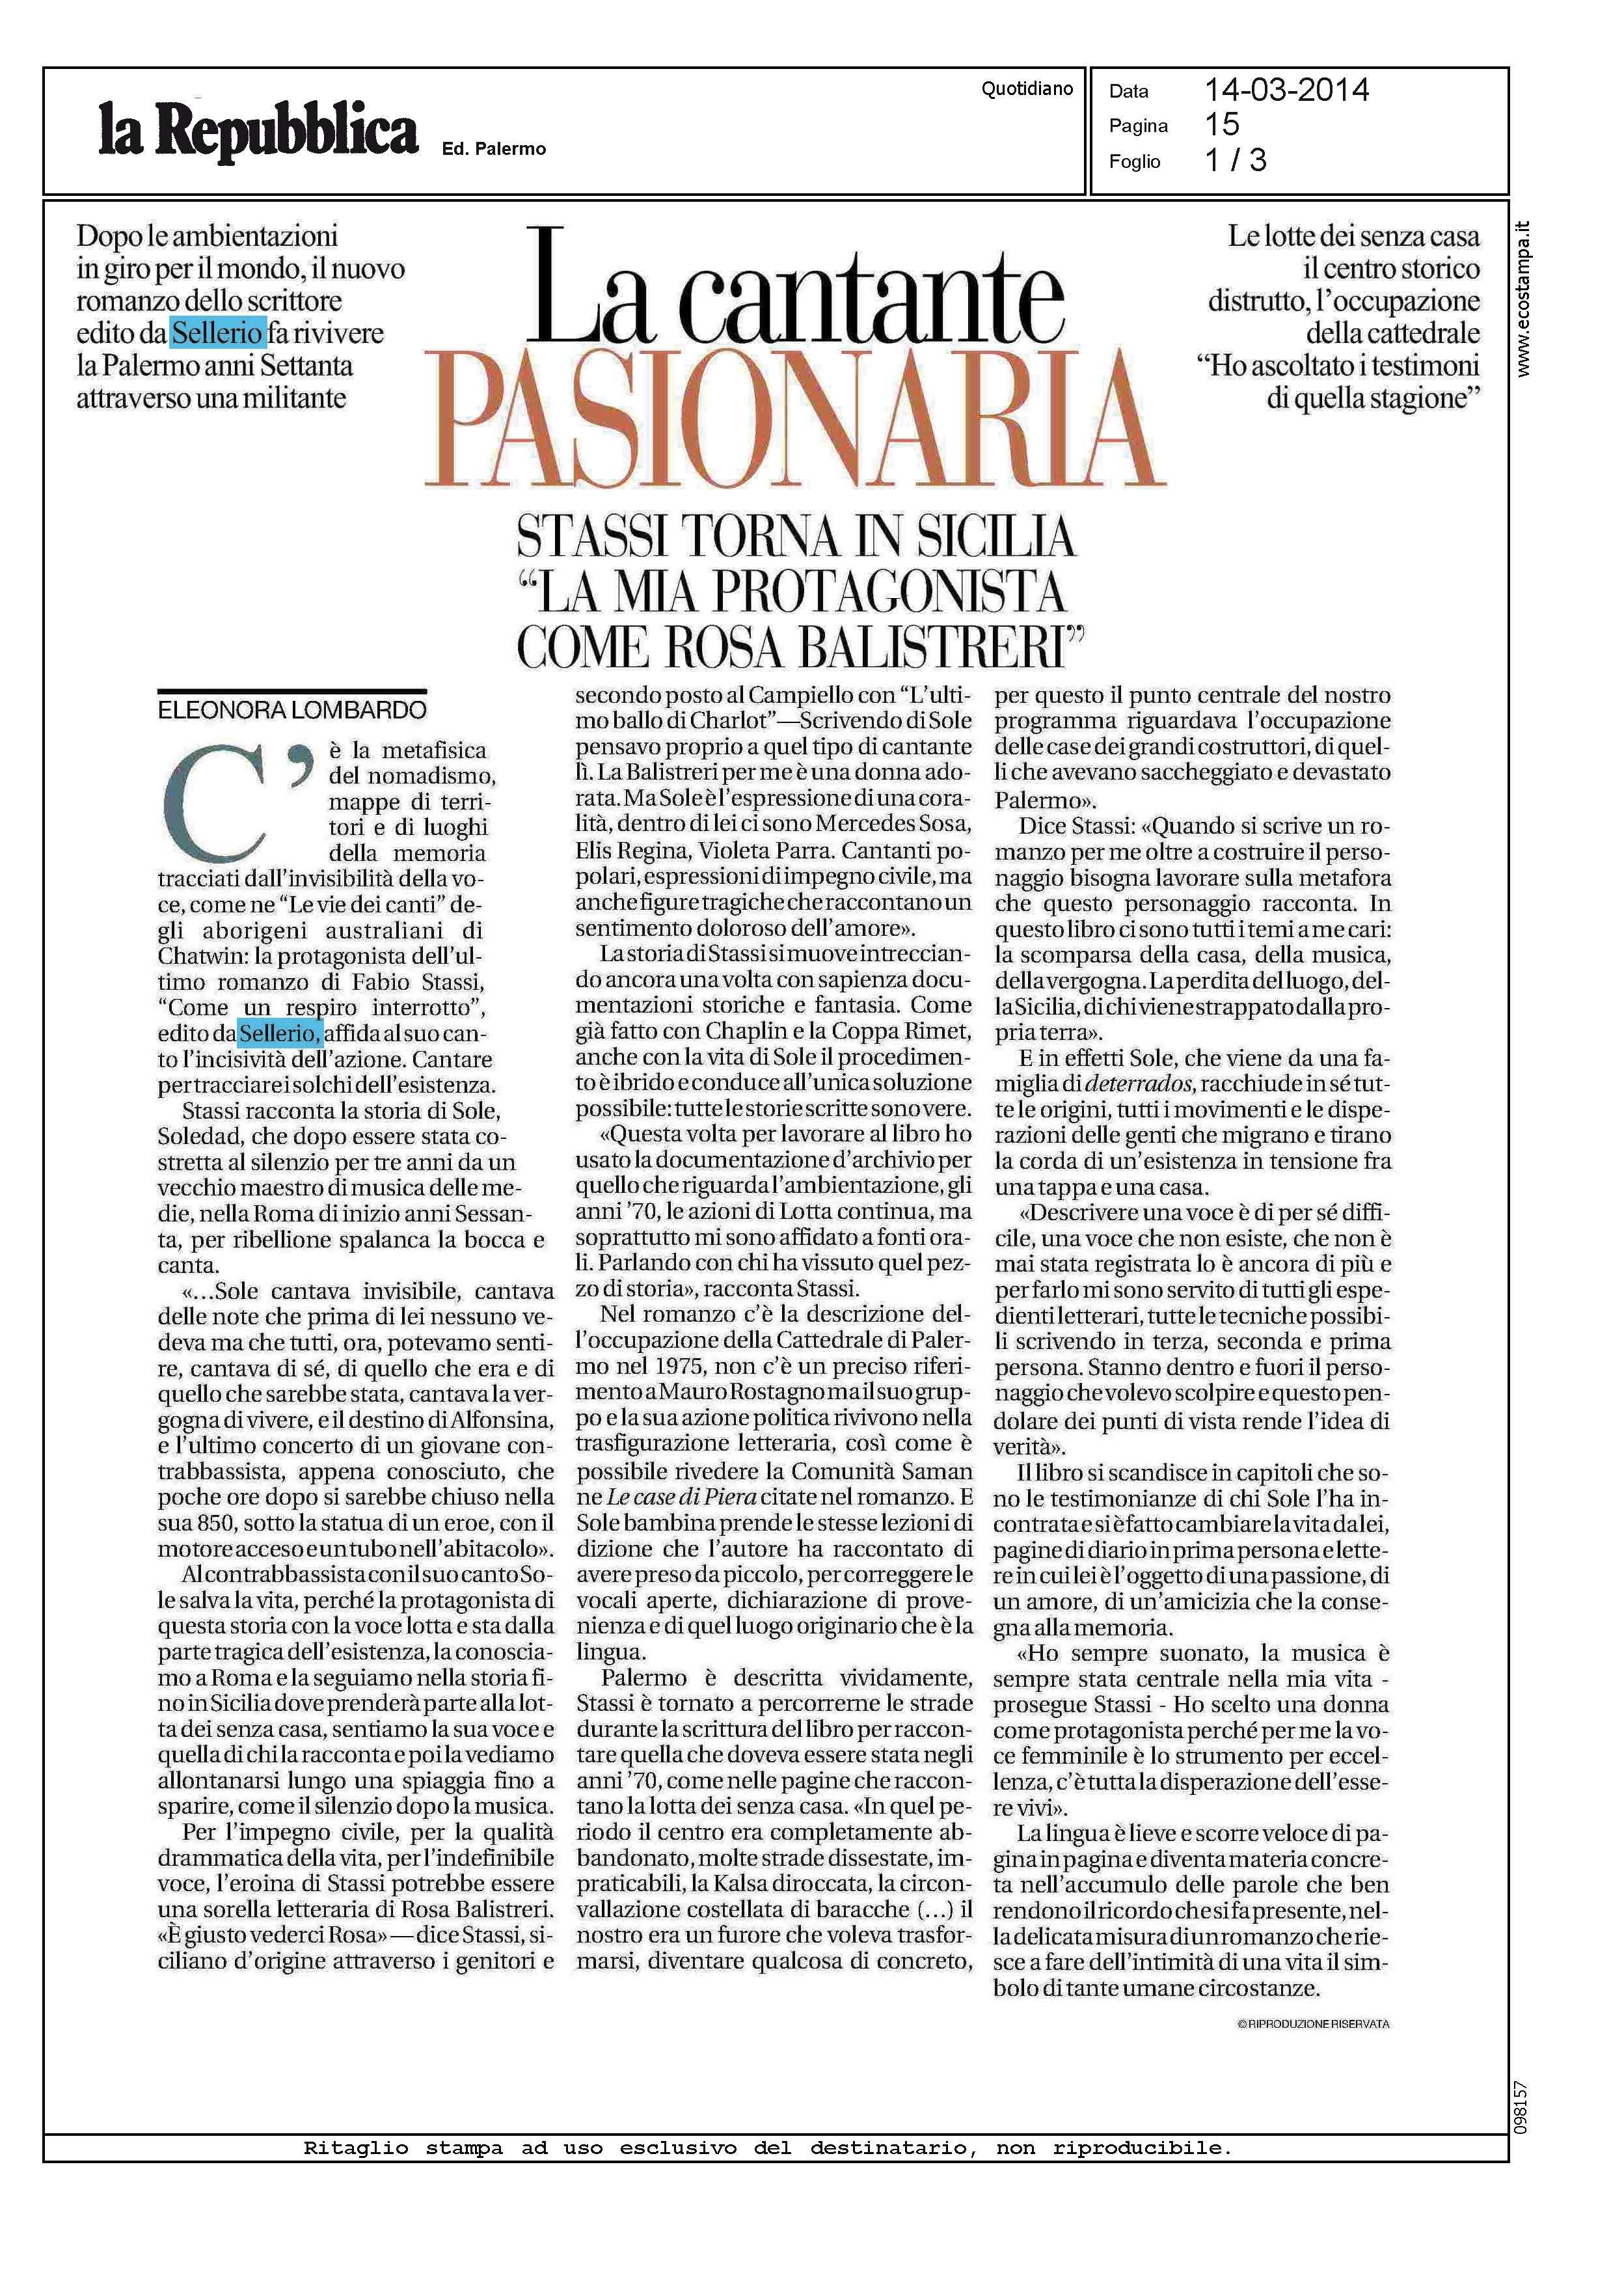 Questa bellissima pagina di Eleonora Lombardo su la Repubblica-Palermo parla del nuovo romanzo di Fabio Stassi, 'Come un respiro interrotto'.